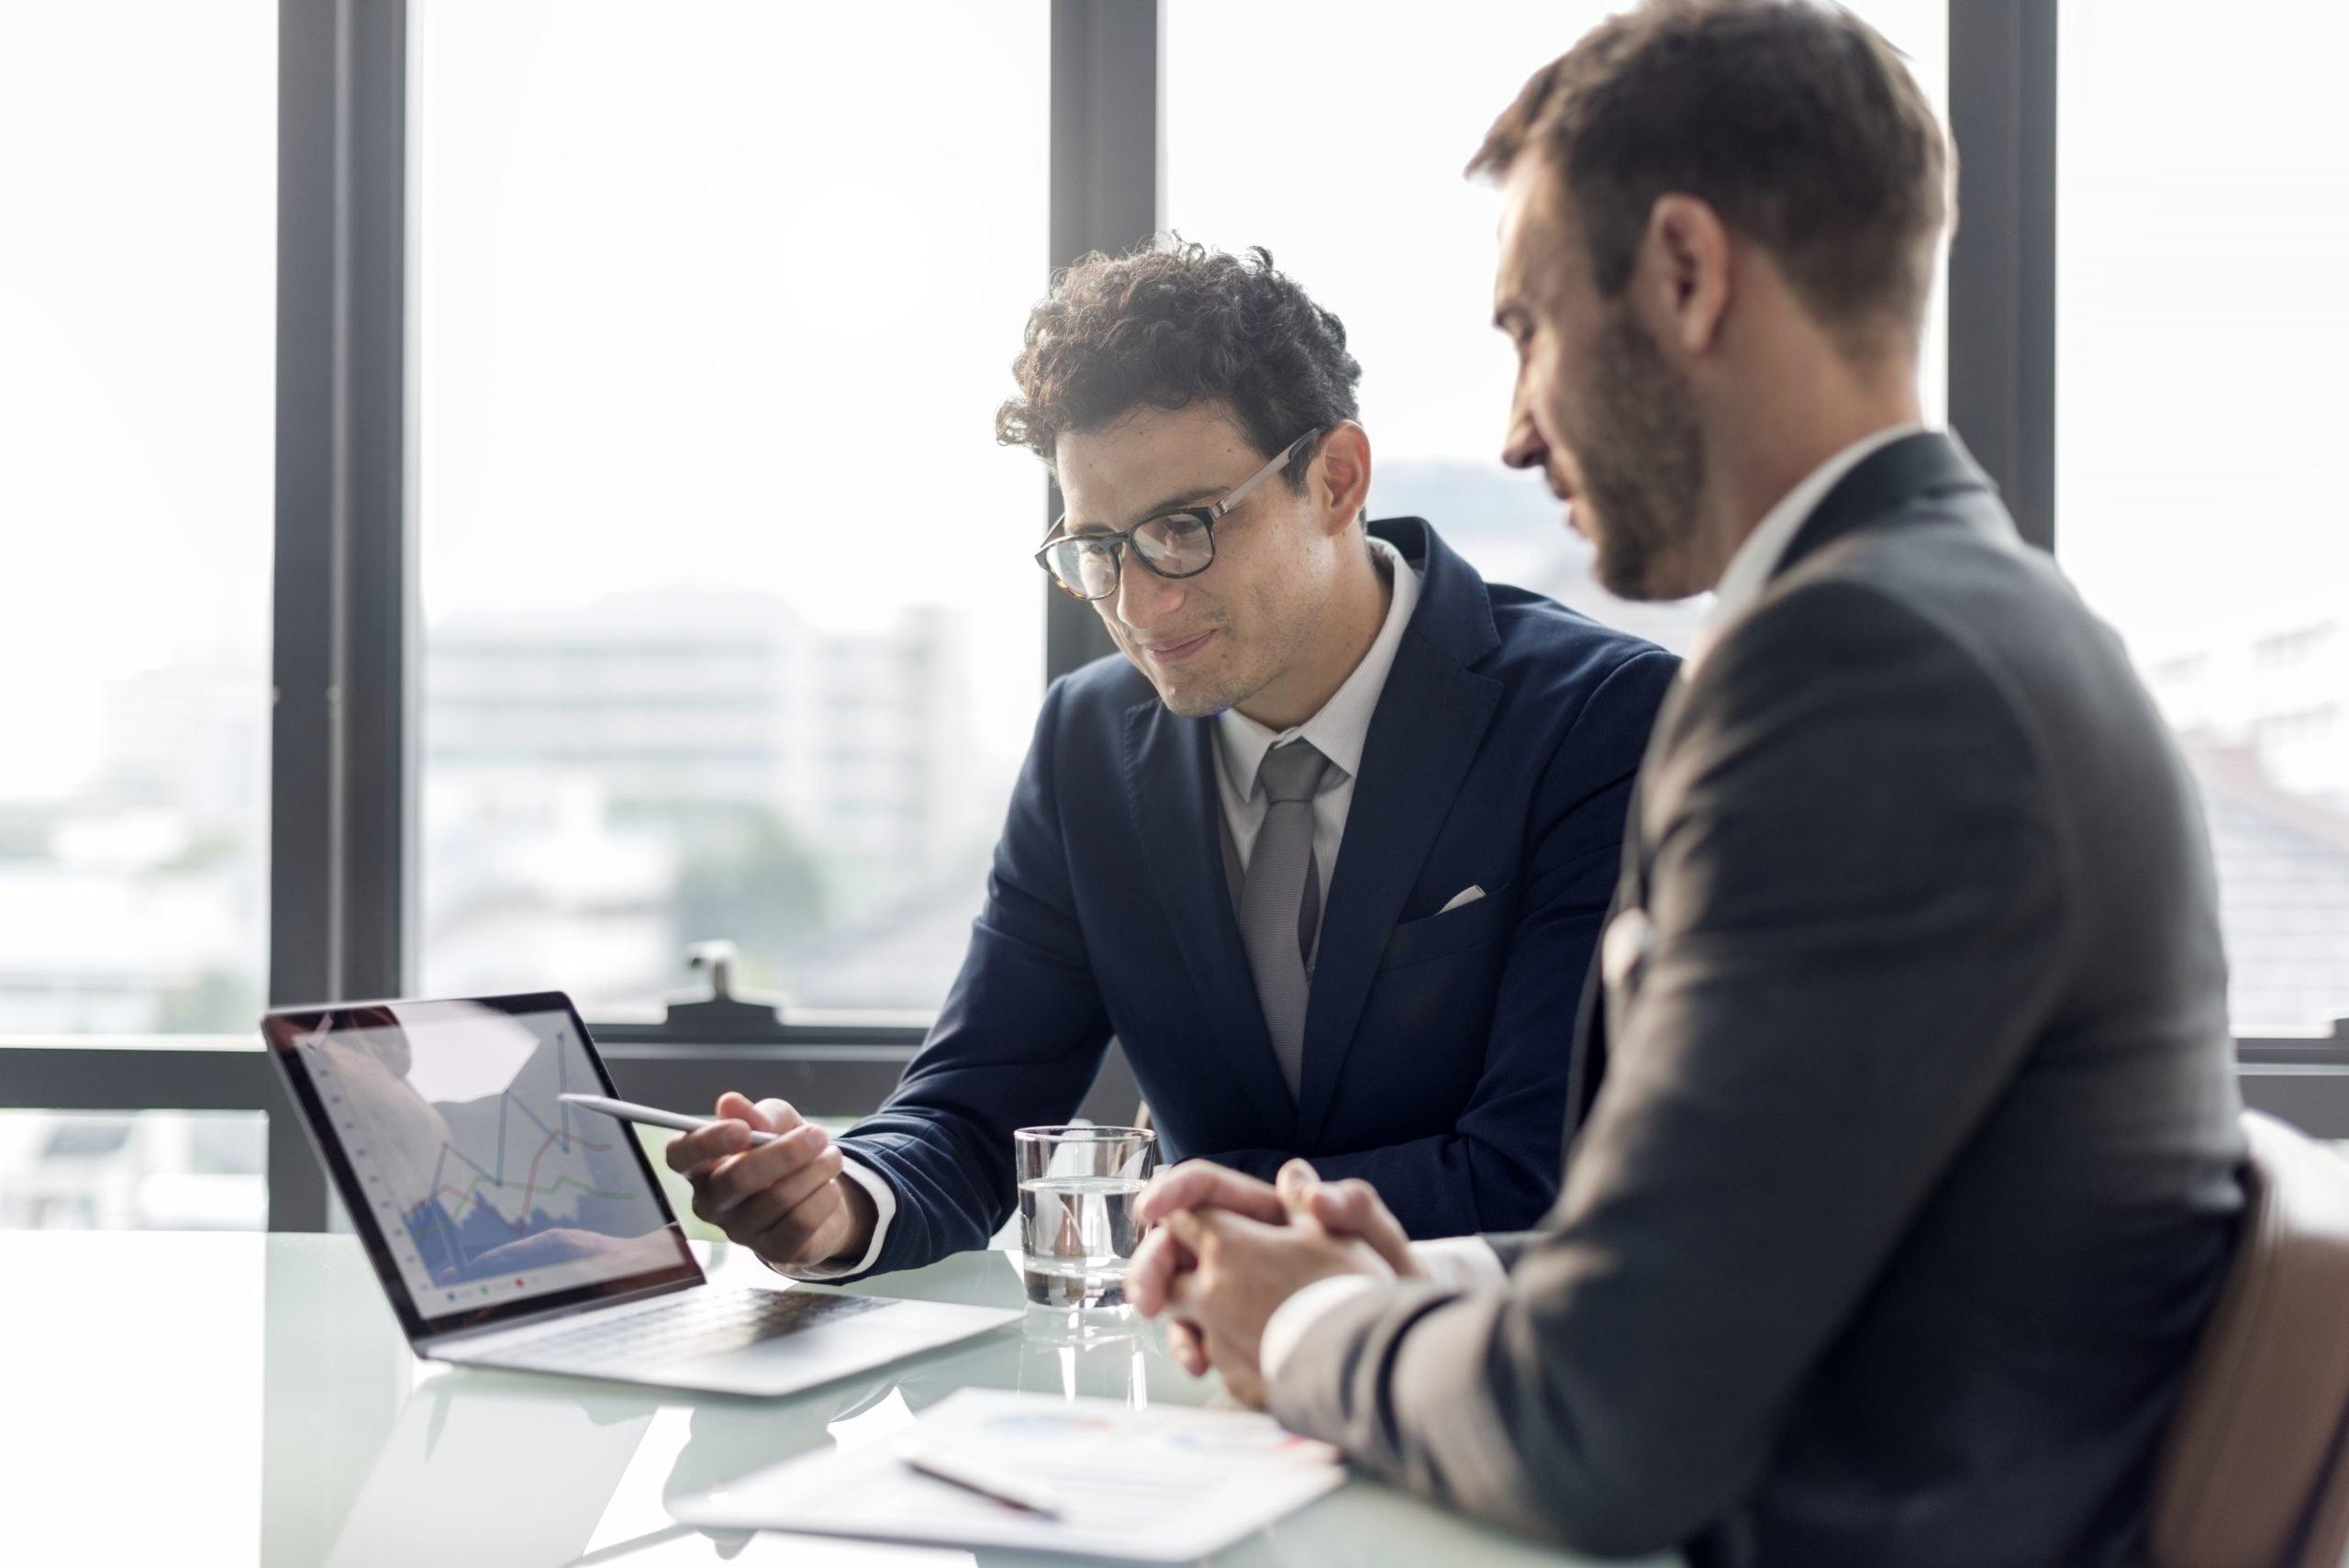 Inspección de Hacienda: motivos y cómo actuar frente a ellas